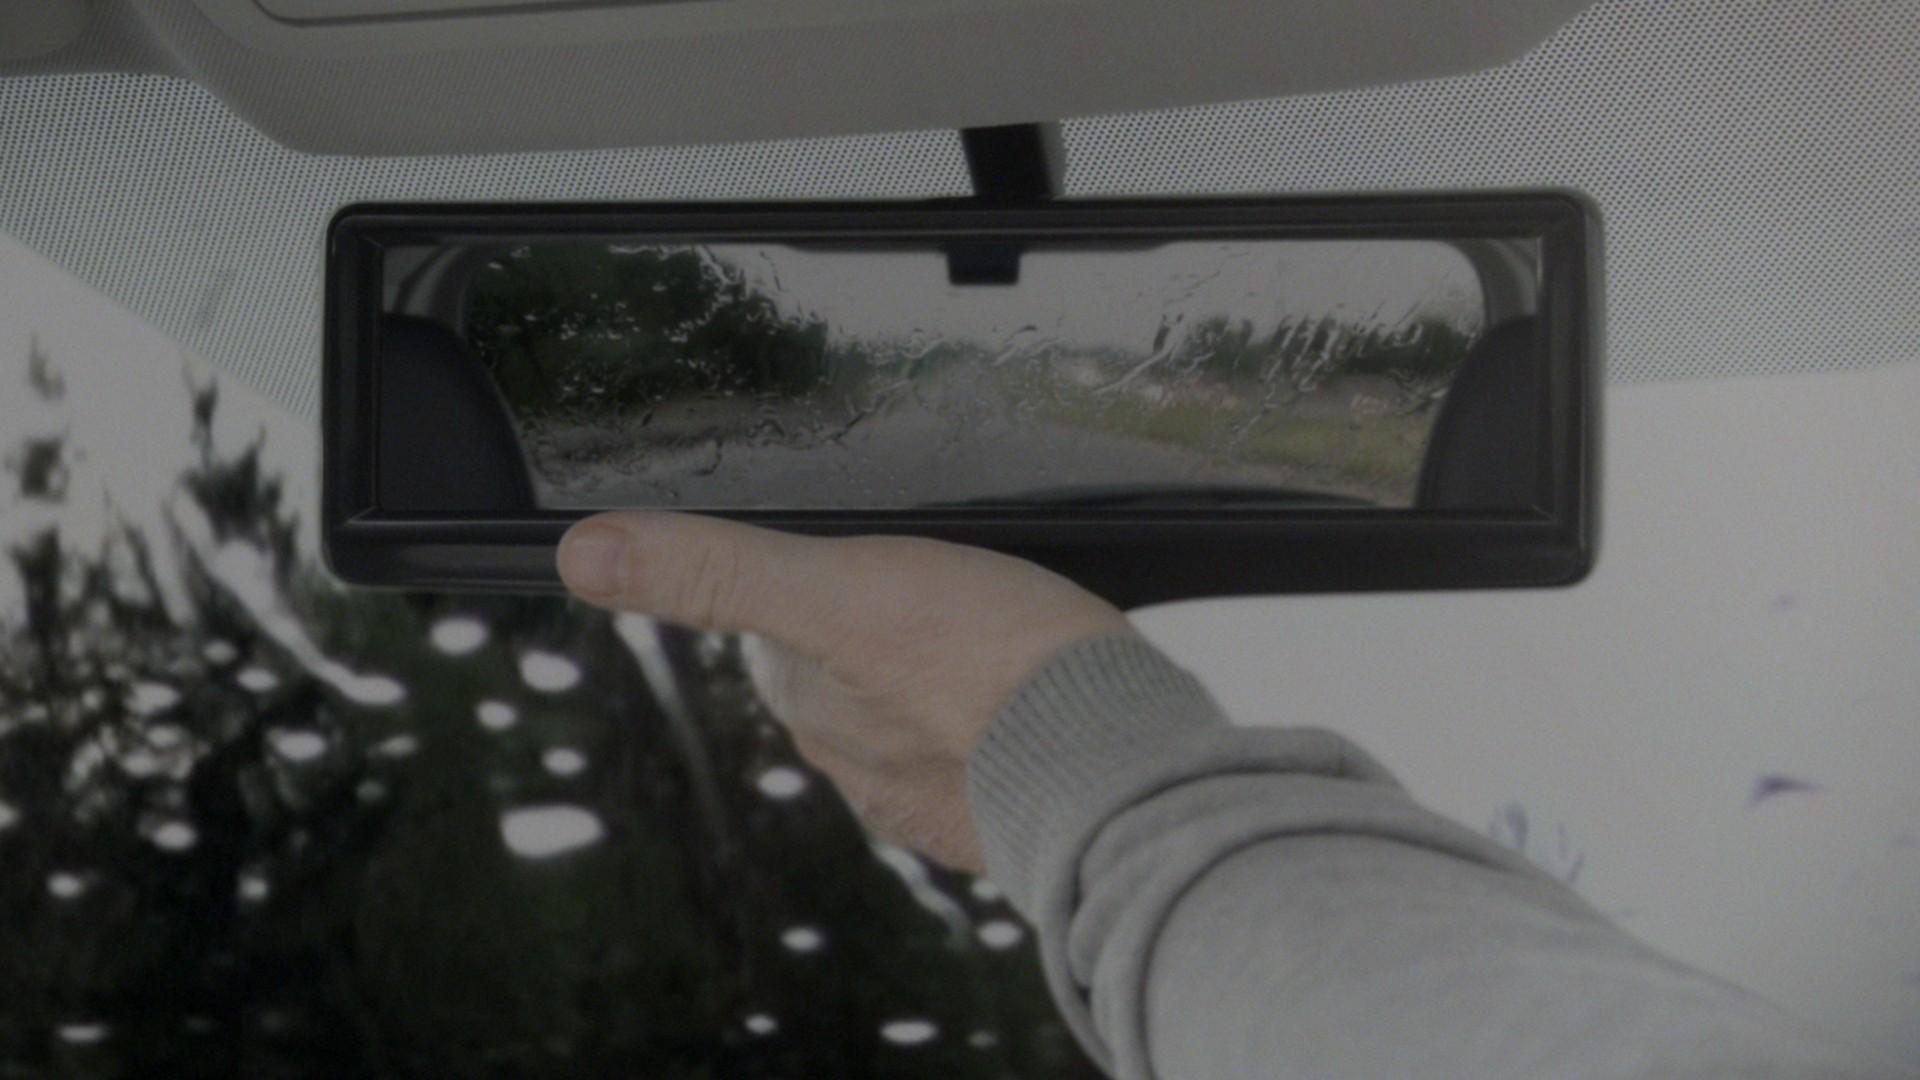 Mode normal du rétroviseur sous des conditions de fortes pluies